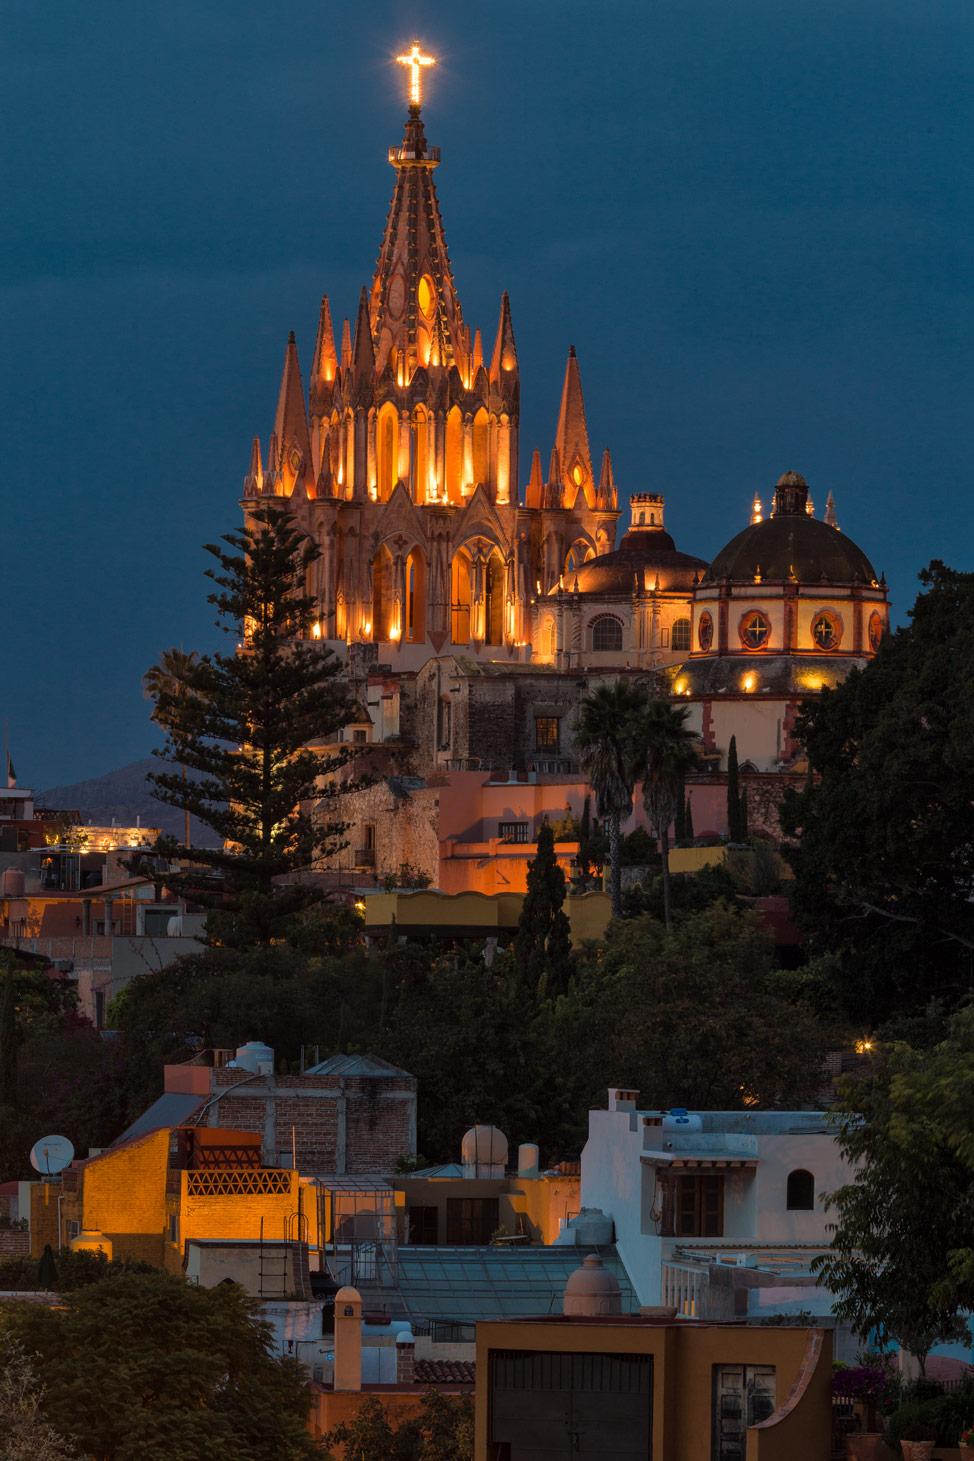 La Parroquia San Miguel de Allende - Rosewood Lounge